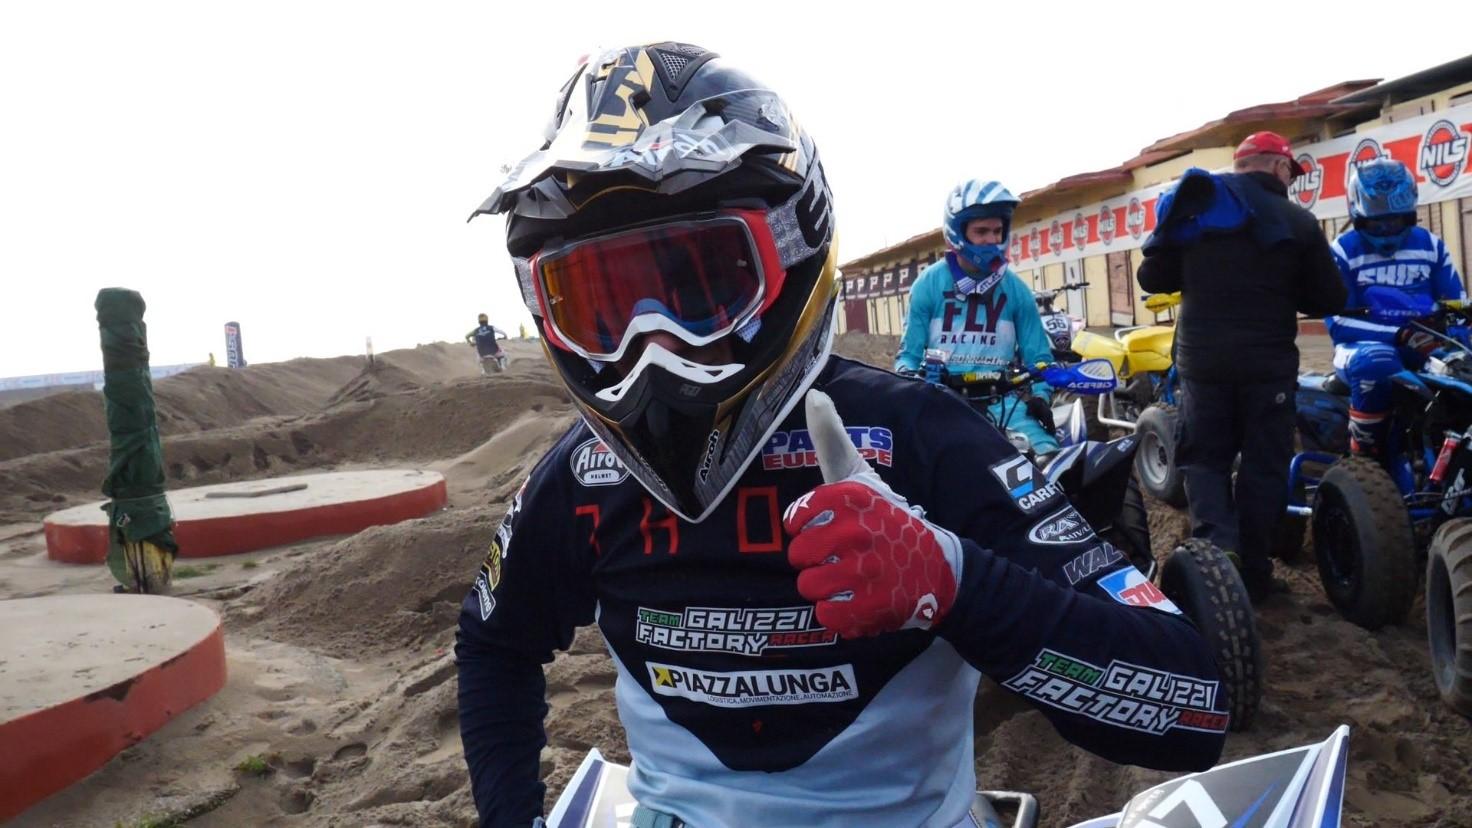 Paolo Galizzi Campione Italiano Supermare Quadcross thumbnail